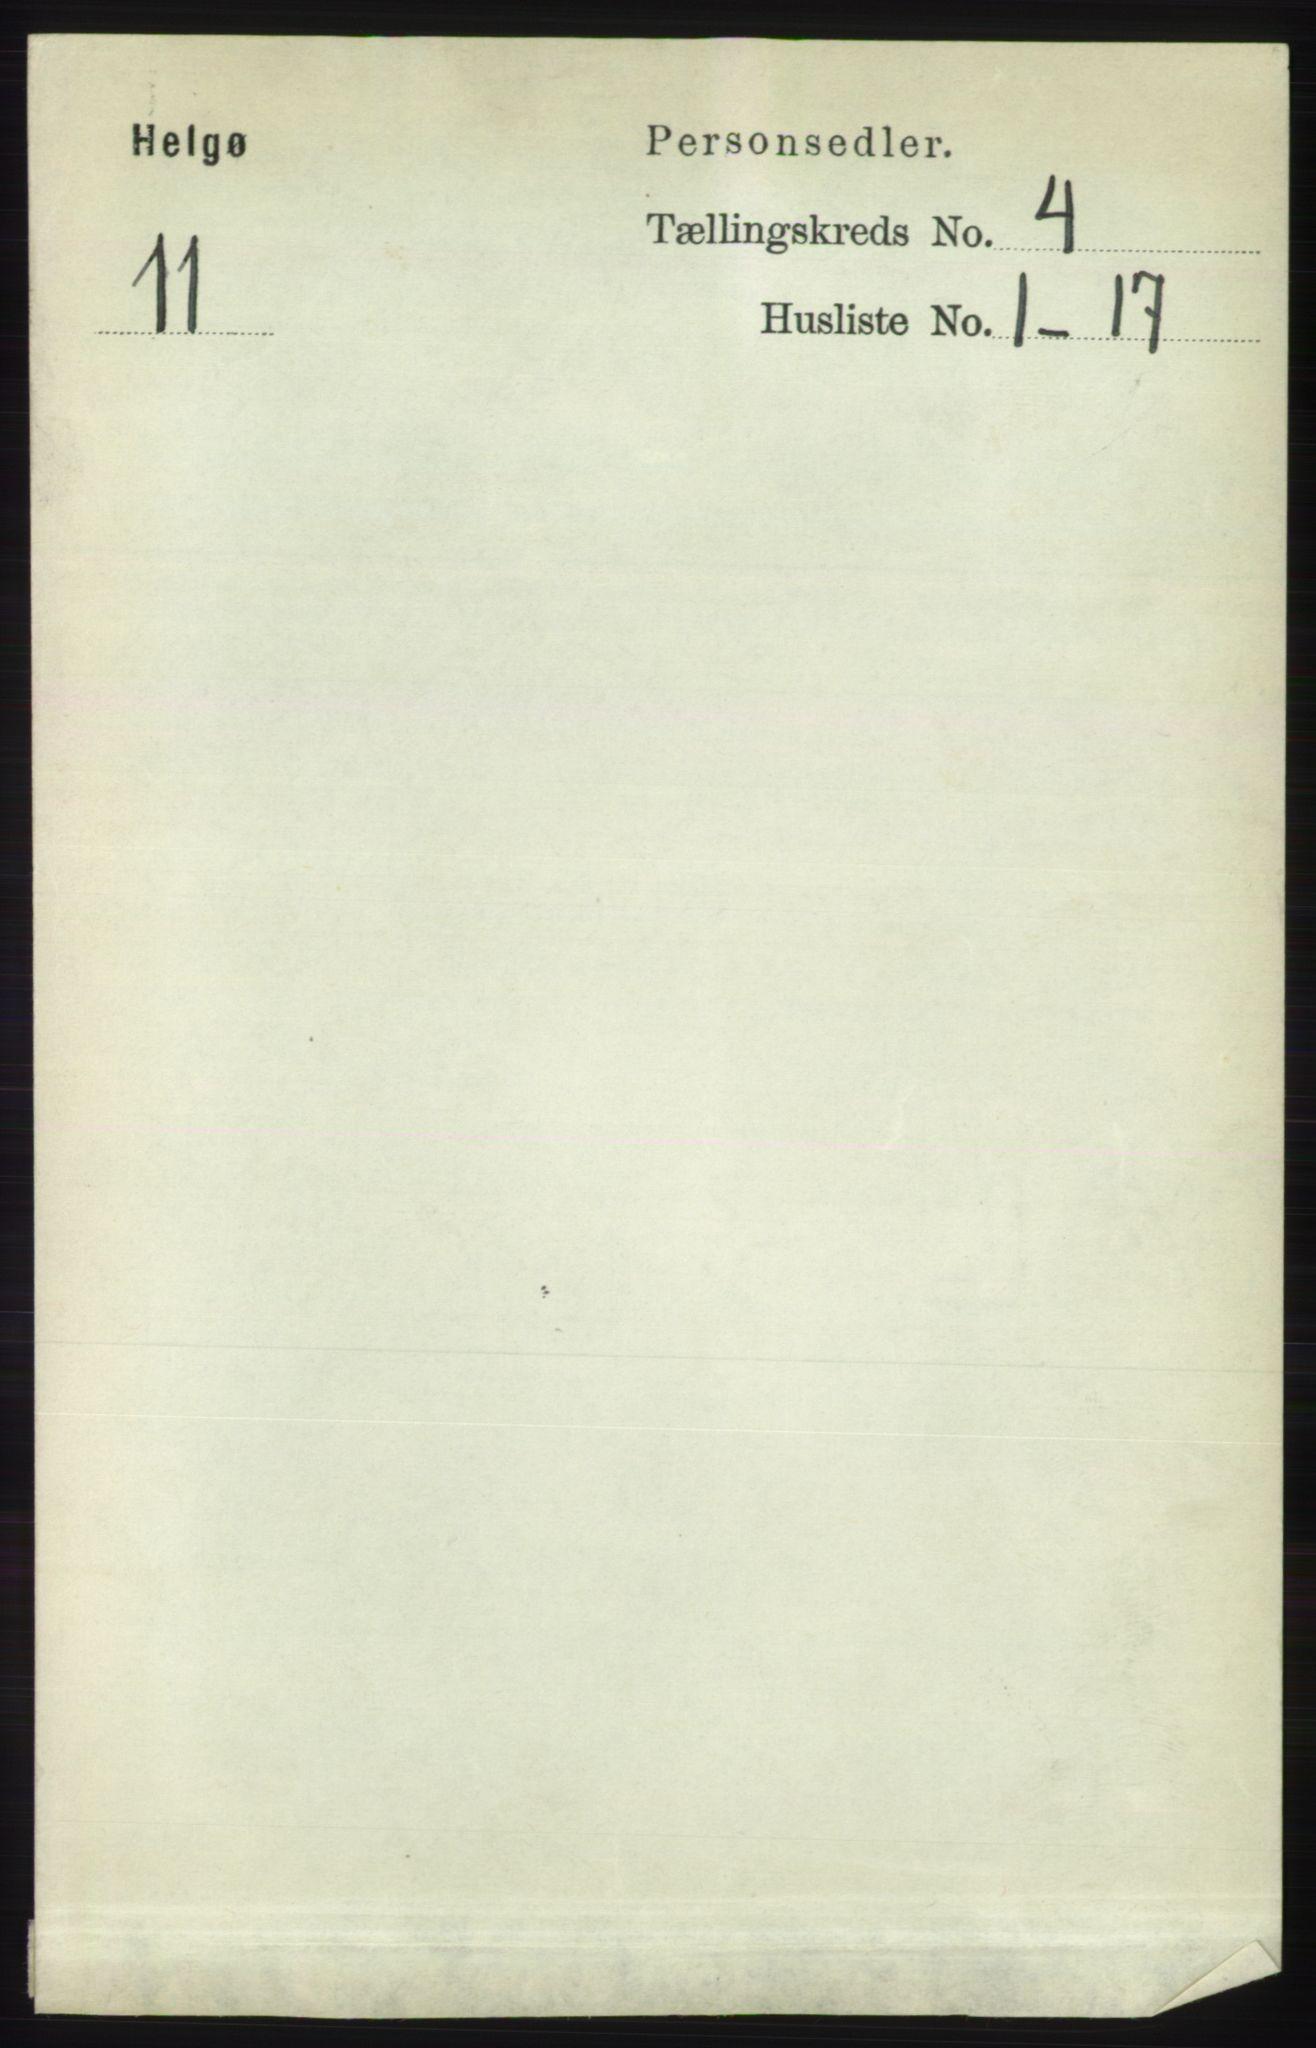 RA, Folketelling 1891 for 1935 Helgøy herred, 1891, s. 1010